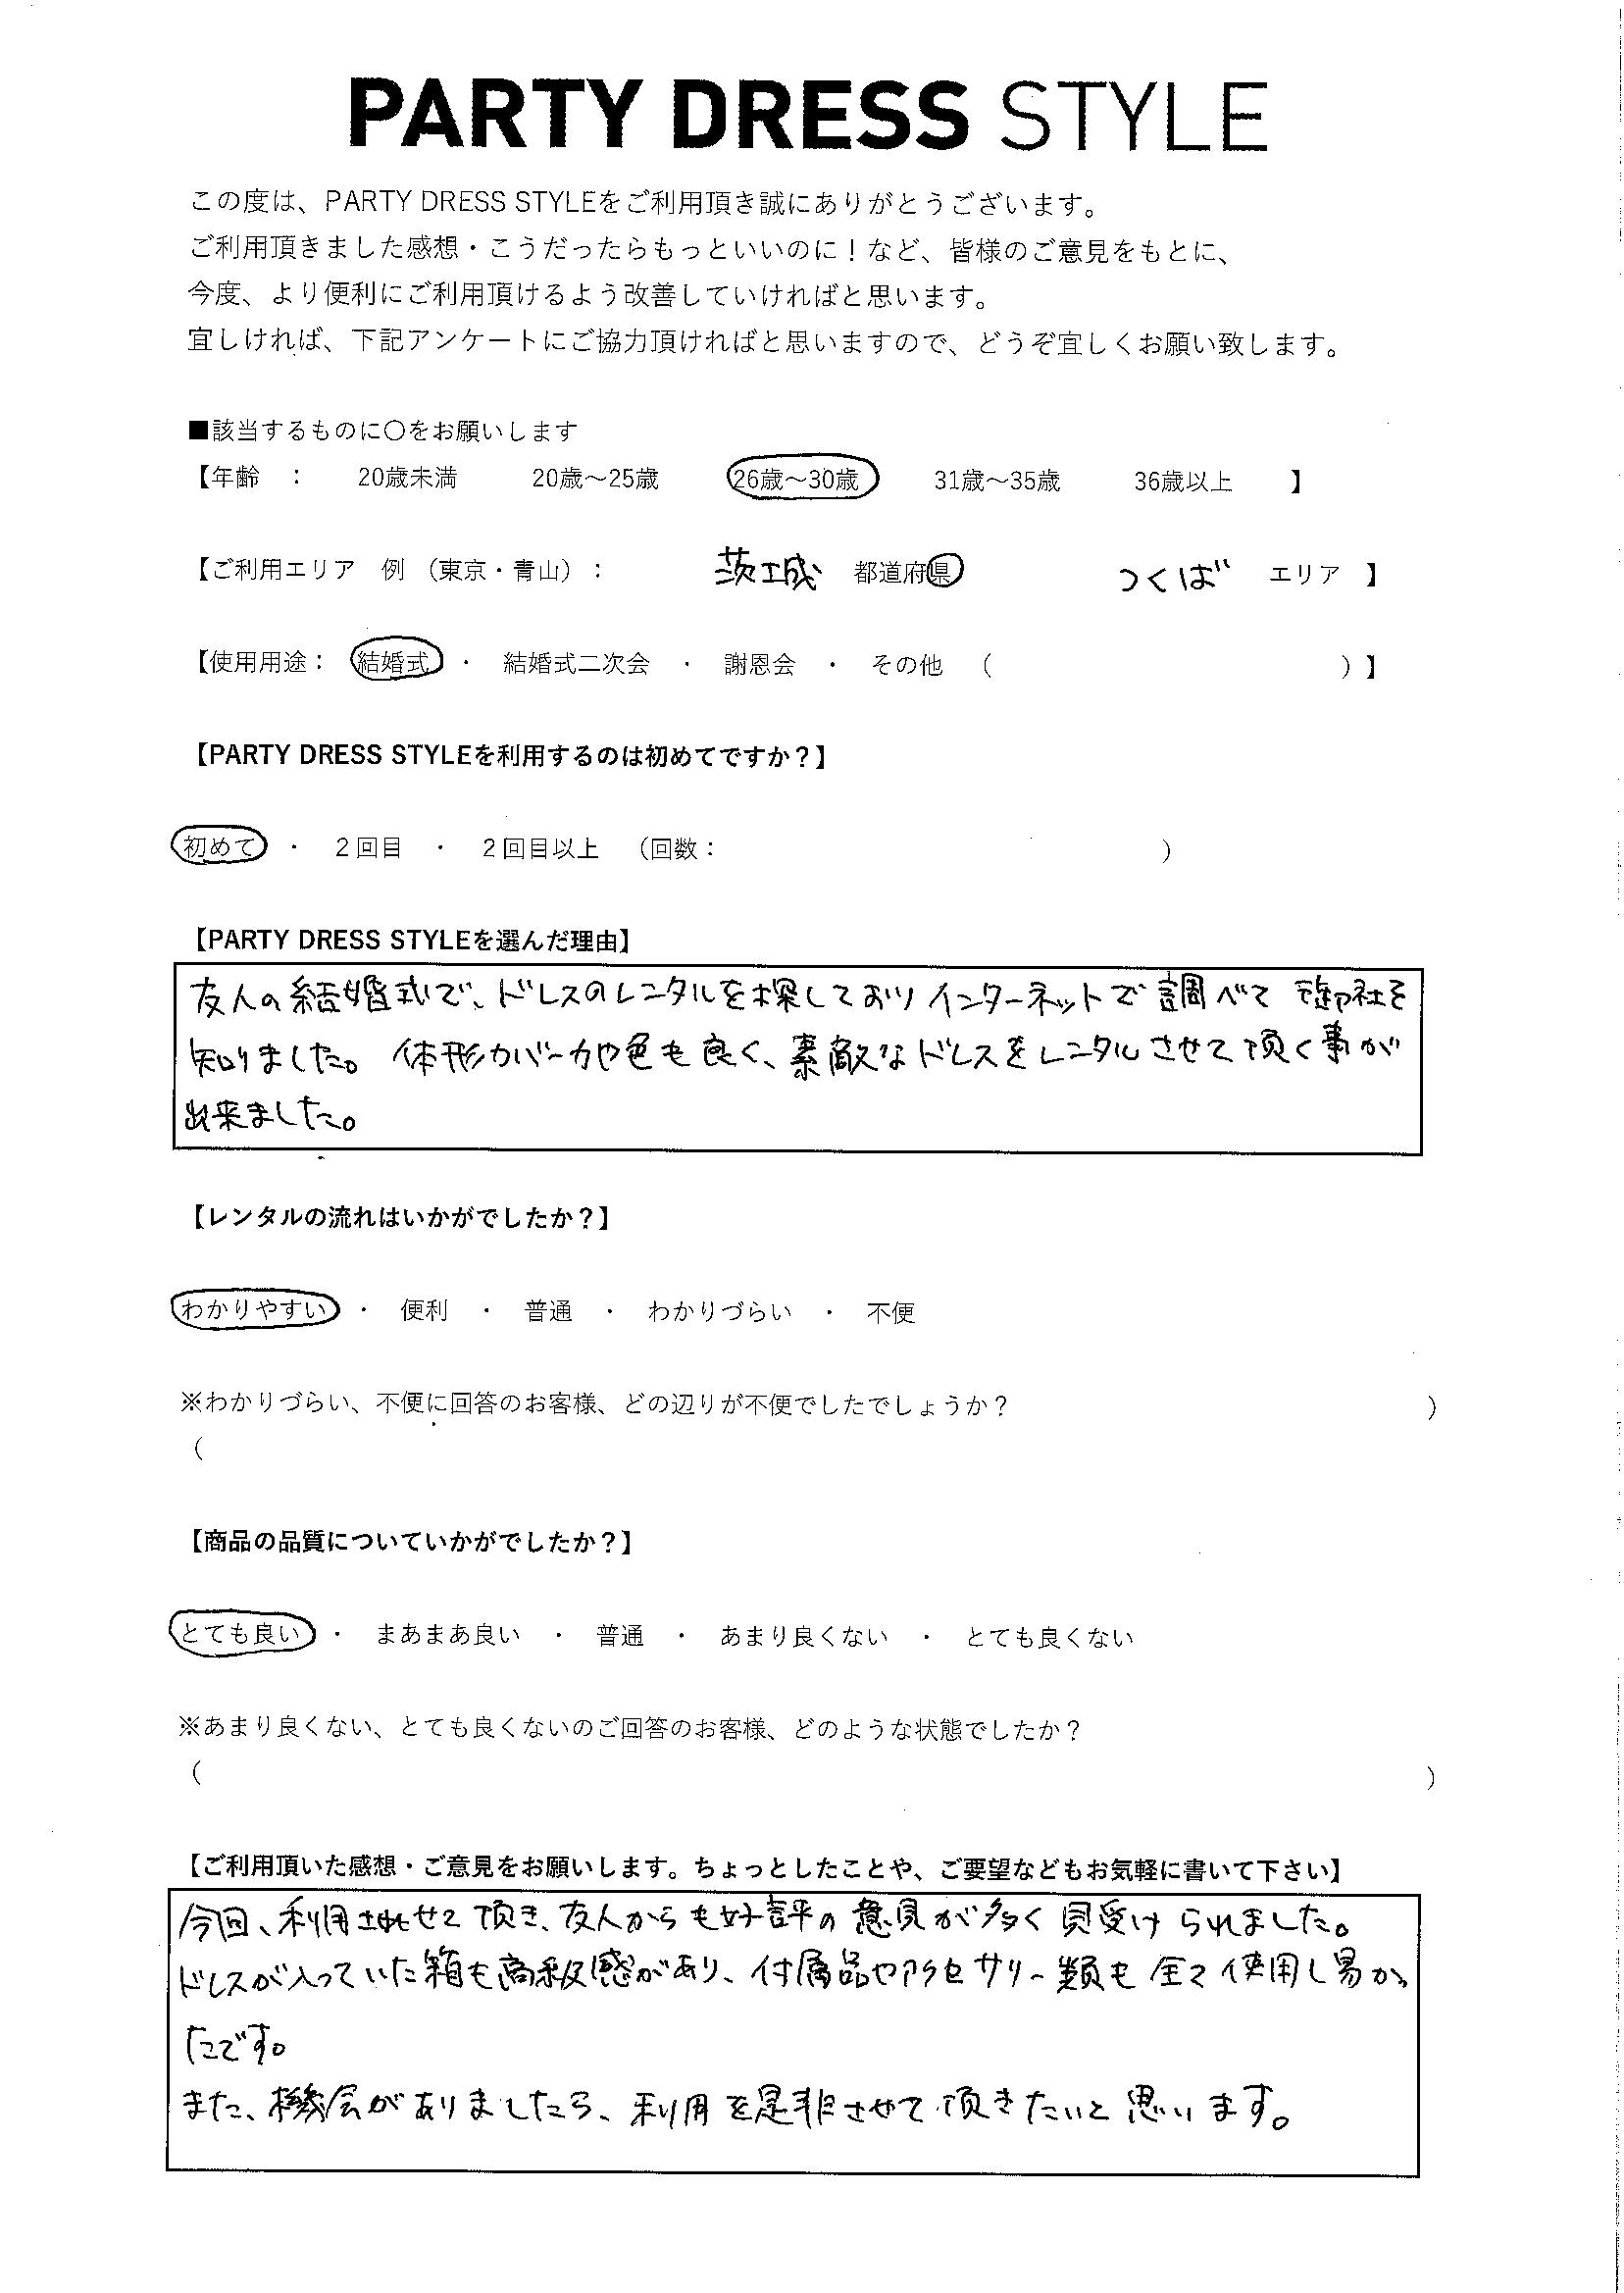 6/1結婚式利用 茨城県・つくばエリア